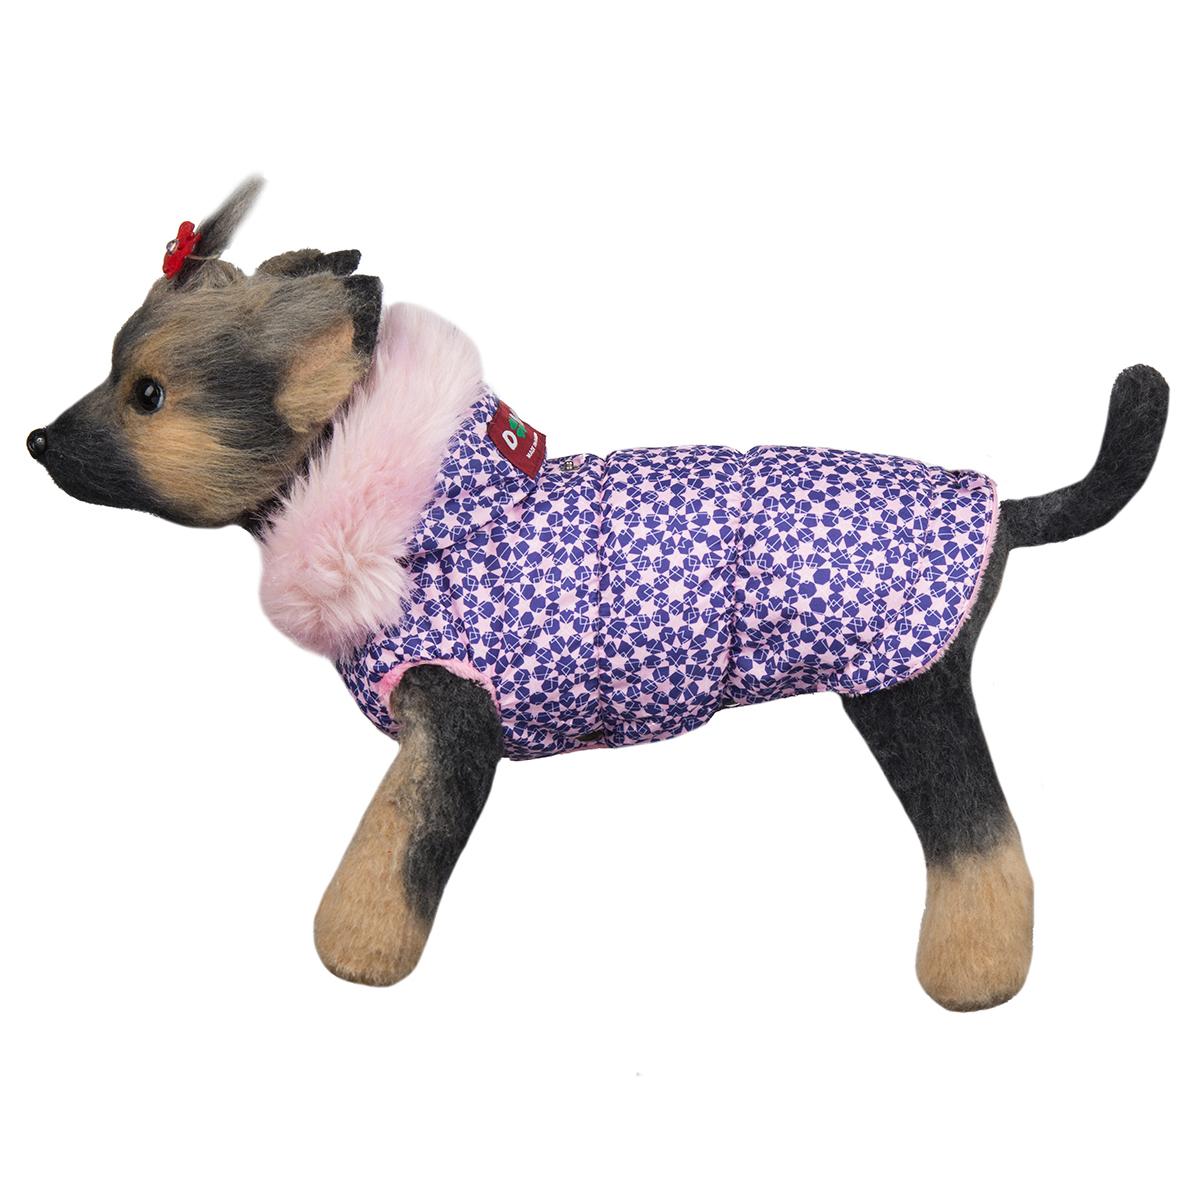 Куртка для собак Dogmoda Аляска, для девочки. Размер 5 (ХXL)0120710Куртка для собак Dogmoda Аляска изготовлена из полиэстера водоотталкивающего типа. Для подкладки был использован синтепон и искусственный мех. Изделие легко одевается и снимается, не доставляя неприятных минут хозяину и его питомцу. Технология пошива аляски не стесняет движений и позволяет весело бегать наперегонки с четвероногими друзьями. Непрерывный теплообмен обеспечивает сохранение свежести кожного покрова, который у маленьких собачек особенно чувствителен и уязвим. Светлые, мягкие и яркие тона аляски будут гармонировать с веселостью и подвижностью домашнего любимца на прогулке. Одежда надежно защитит собачку от пронизывающей зимней стужи и позволит от души наслаждаться свежим снегом и длительным пребыванием на прогулке в морозный день.